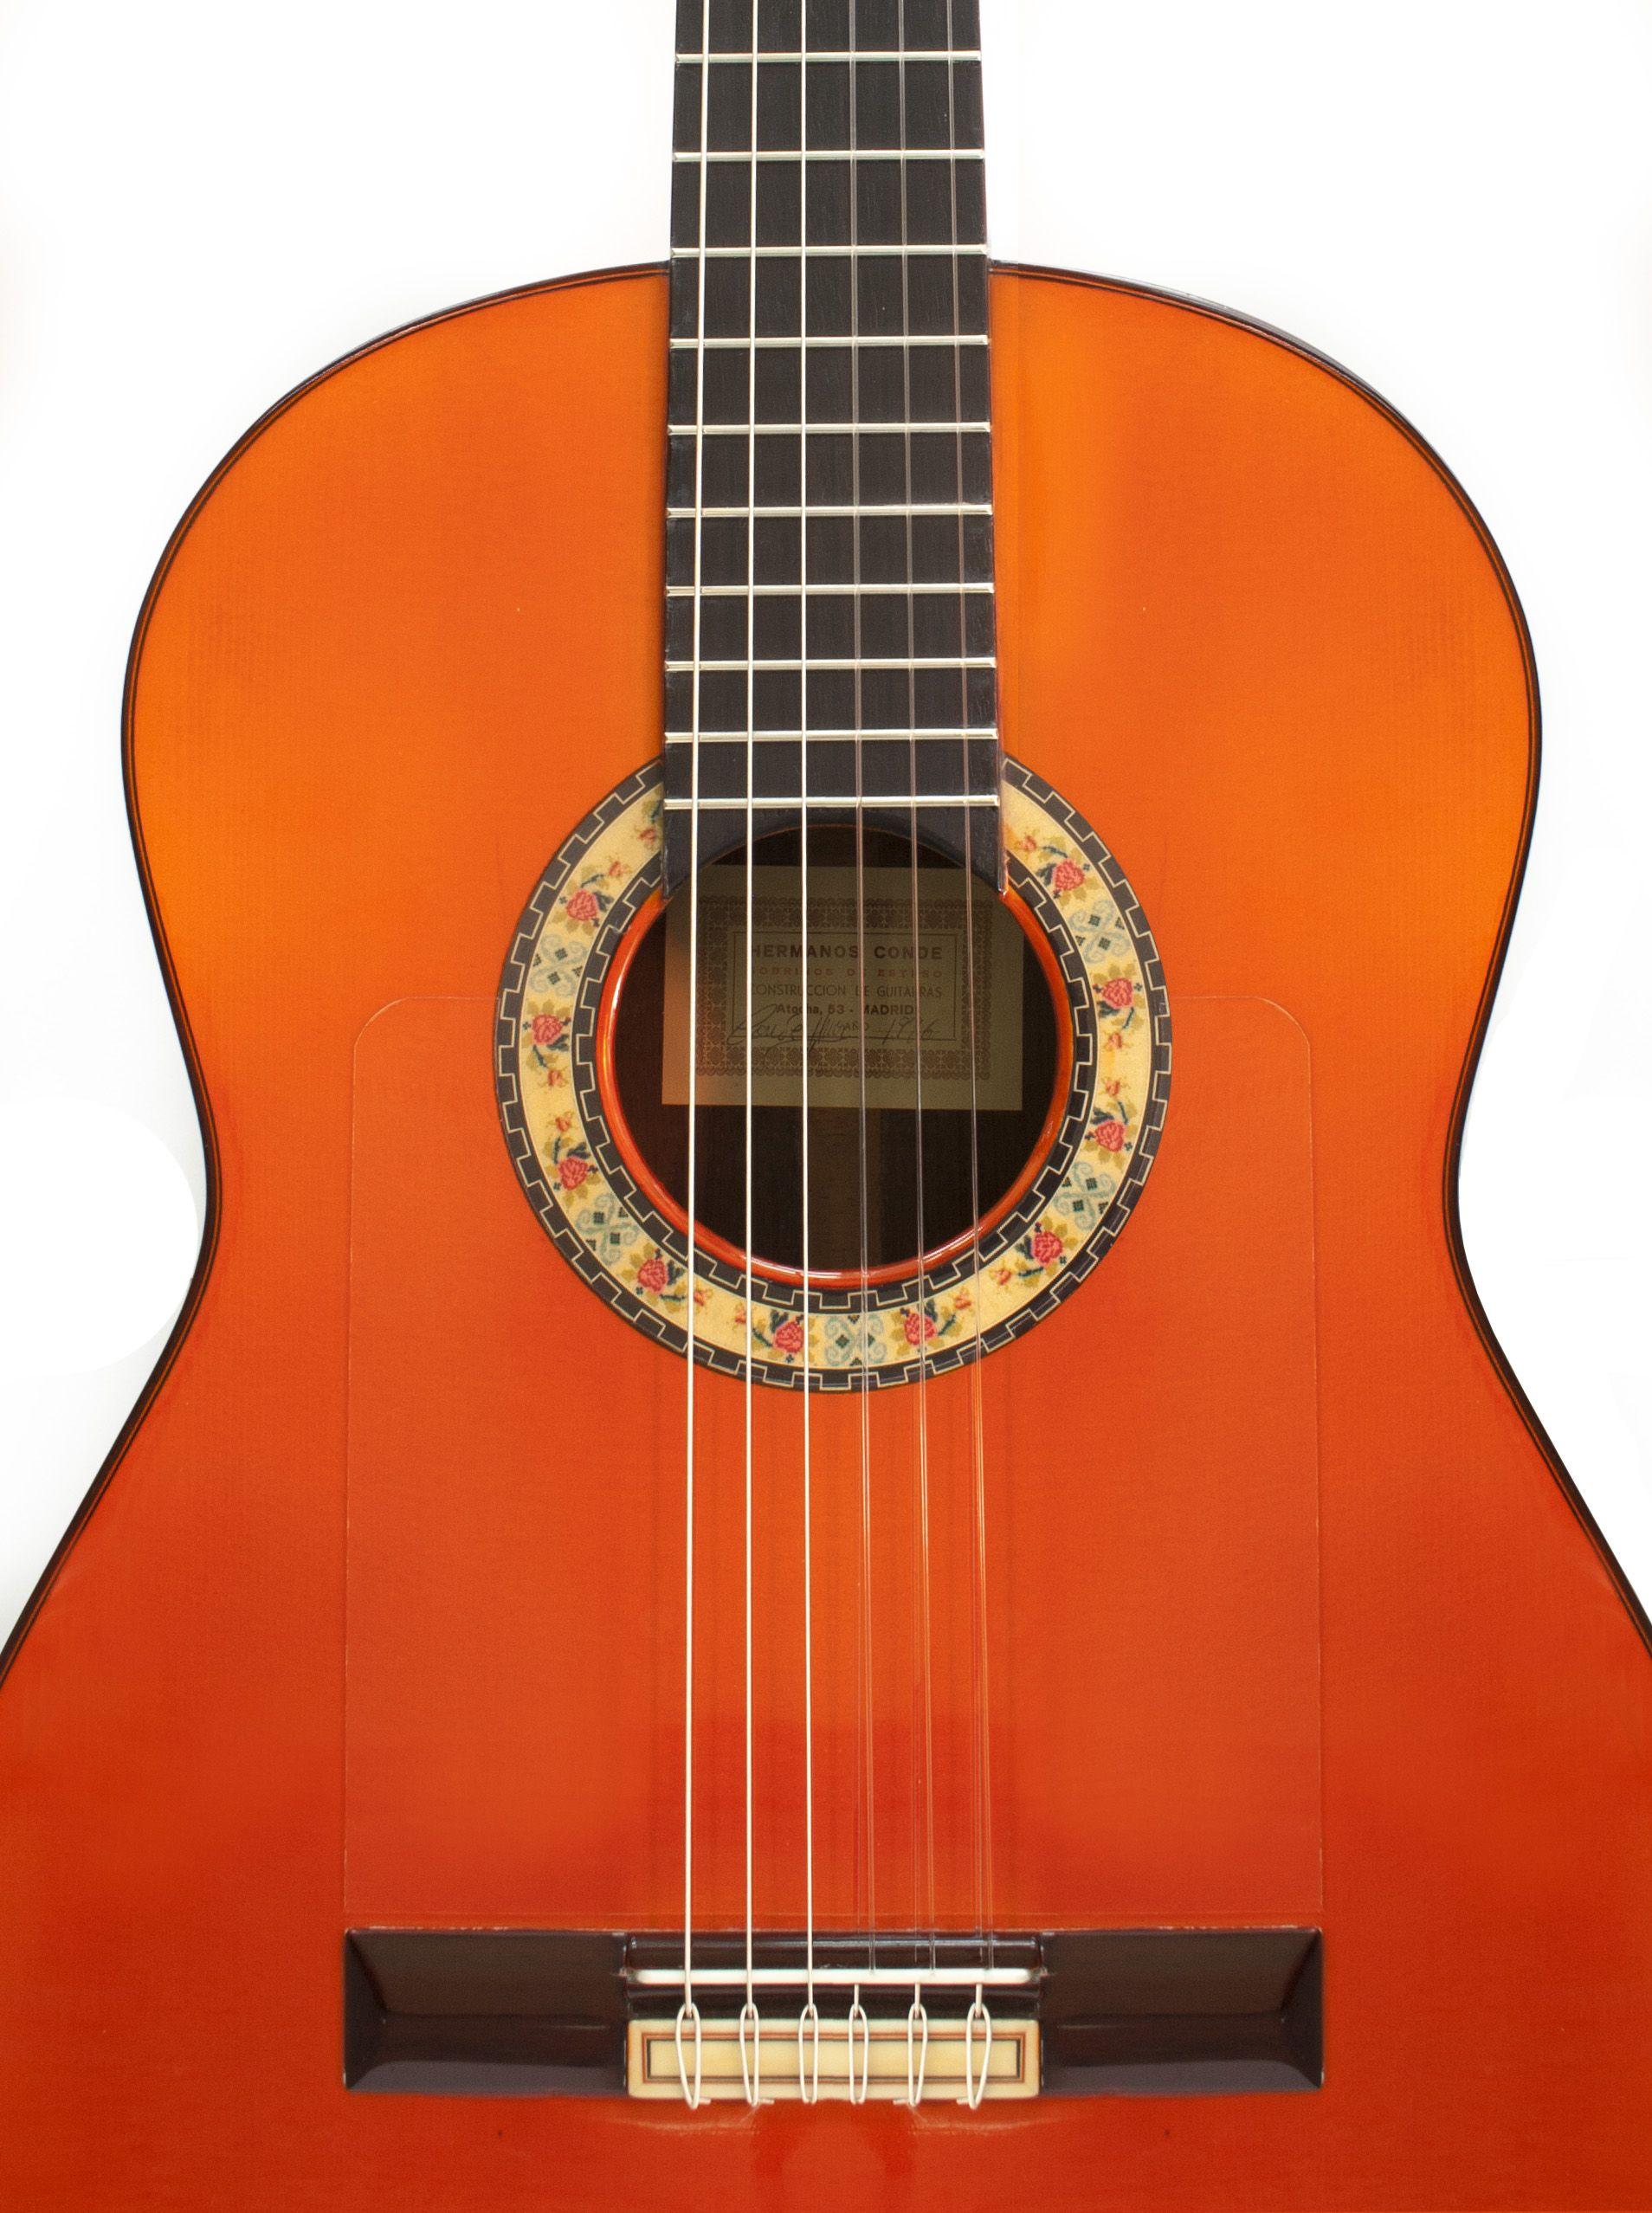 Pin De Guitarras Conde Atocha En Nuestras Guitarras Guitarras Conde Hermanos Instrumentos Musicales